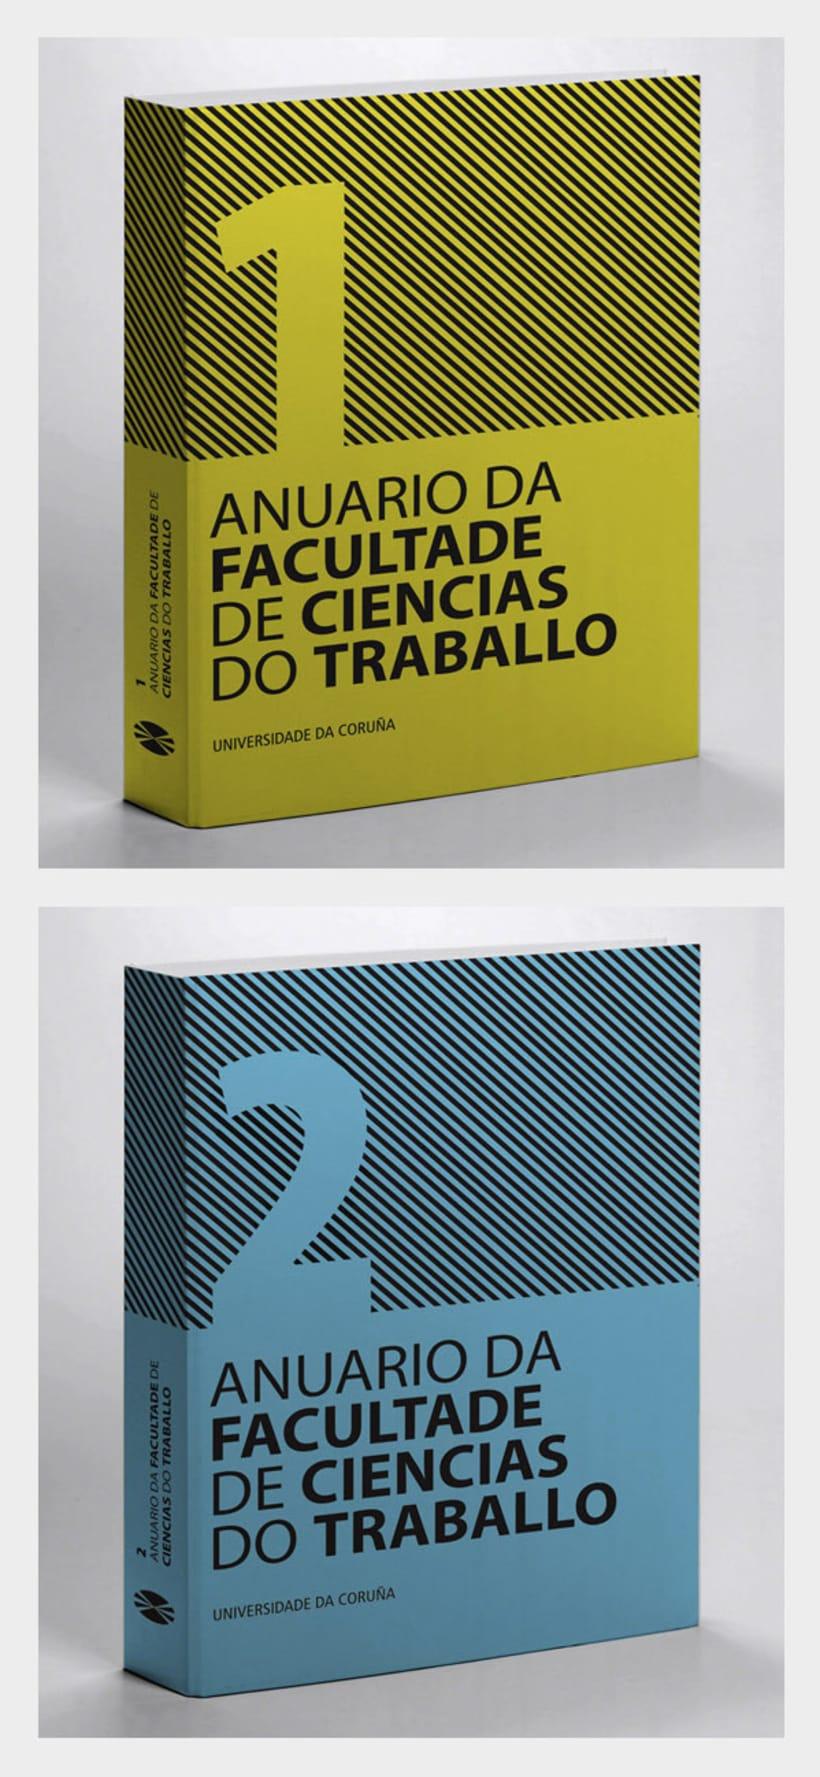 Diseño editorial UDC 1